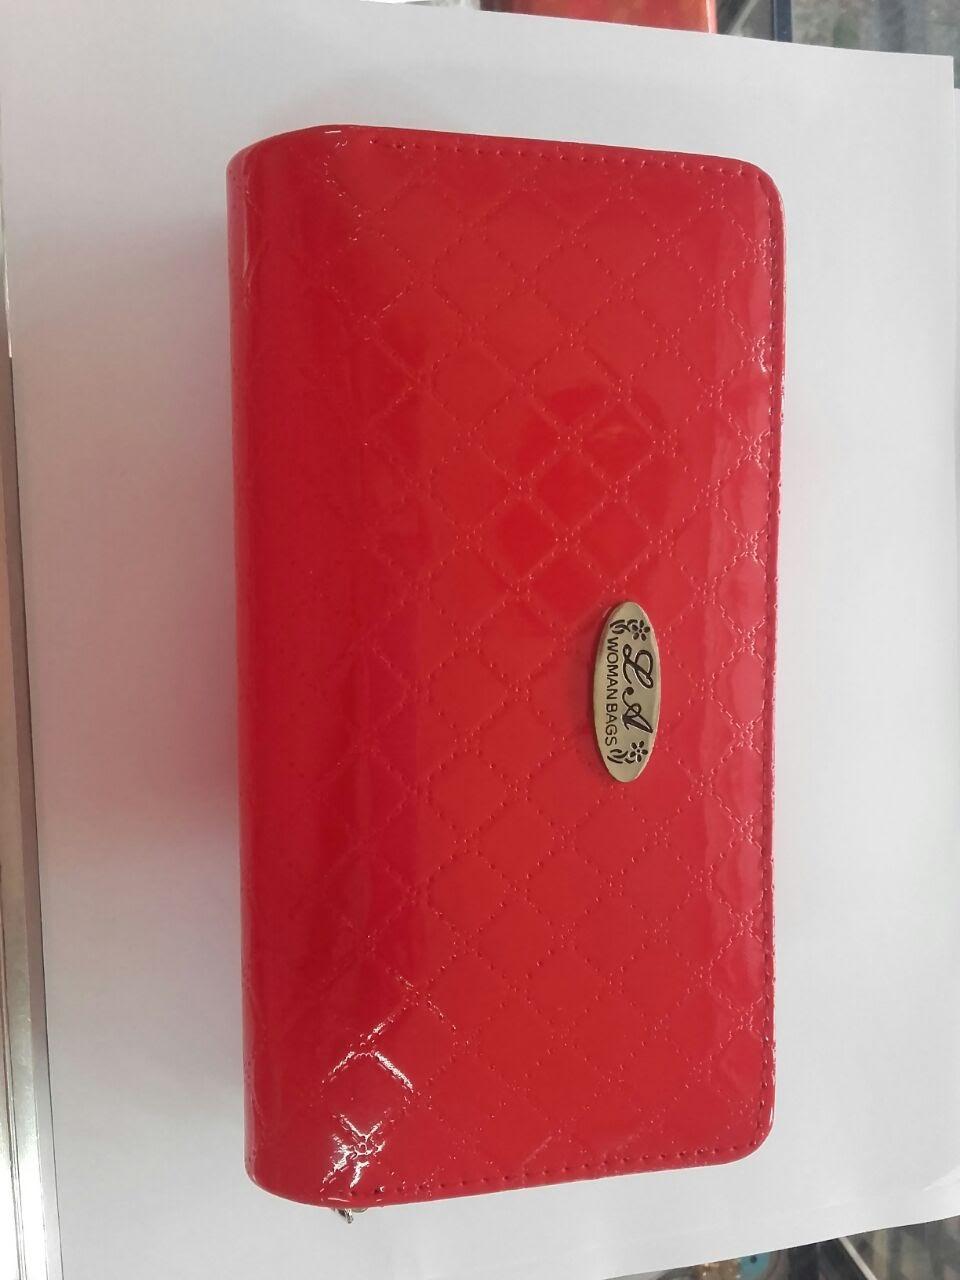 Billeteras Rojas para la bienvenida del año nuevo